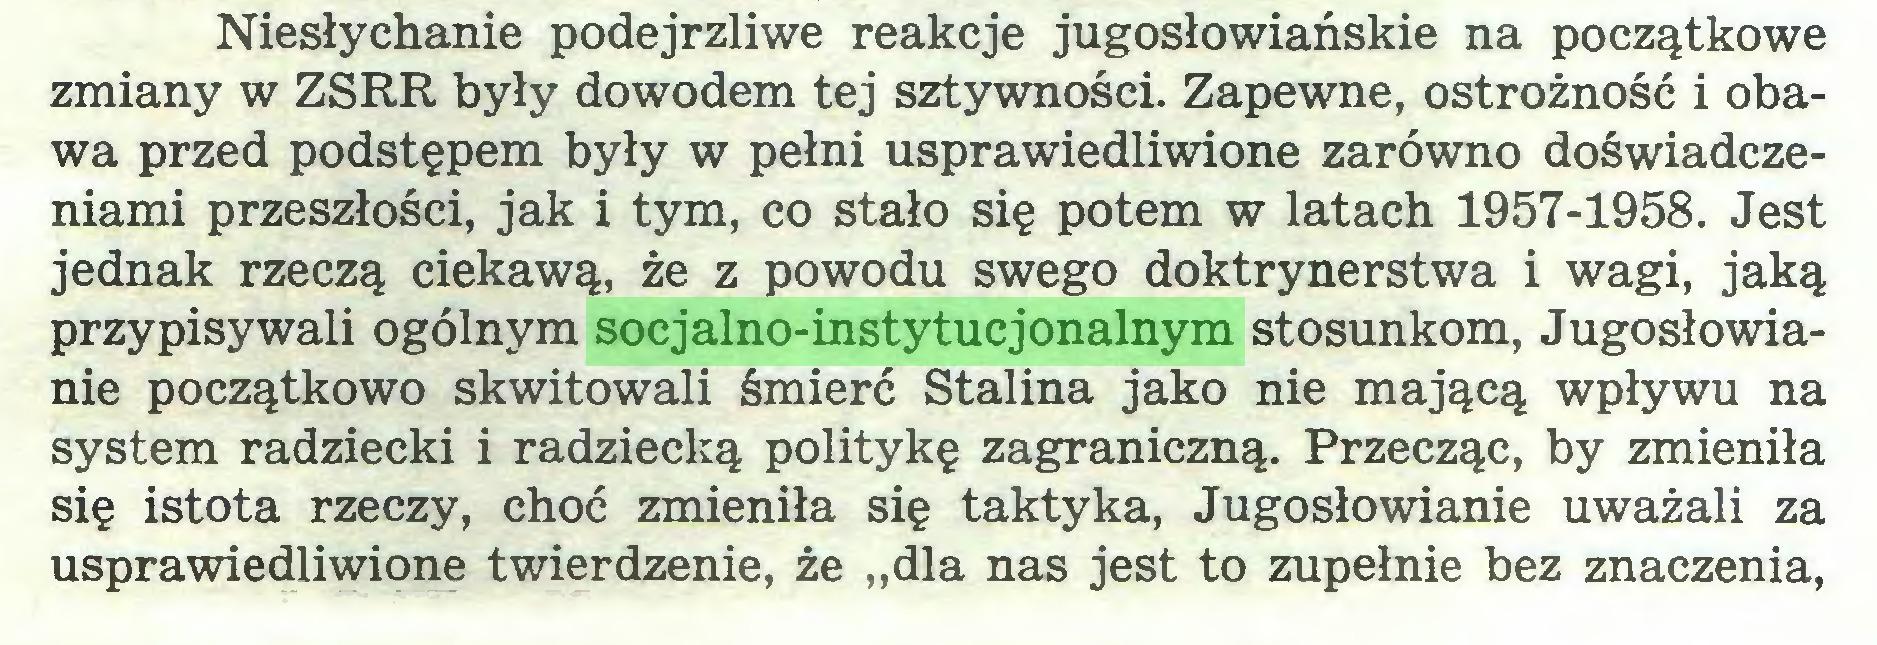 """(...) Niesłychanie podejrzliwe reakcje jugosłowiańskie na początkowe zmiany w ZSRR były dowodem tej sztywności. Zapewne, ostrożność i obawa przed podstępem były w pełni usprawiedliwione zarówno doświadczeniami przeszłości, jak i tym, co stało się potem w latach 1957-1958. Jest jednak rzeczą ciekawą, że z powodu swego doktrynerstwa i wagi, jaką przypisywali ogólnym socjalno-instytucjonalnym stosunkom, Jugosłowianie początkowo skwitowali śmierć Stalina jako nie mającą wpływu na system radziecki i radziecką politykę zagraniczną. Przecząc, by zmieniła się istota rzeczy, choć zmieniła się taktyka, Jugosłowianie uważali za usprawiedliwione twierdzenie, że """"dla nas jest to zupełnie bez znaczenia,..."""